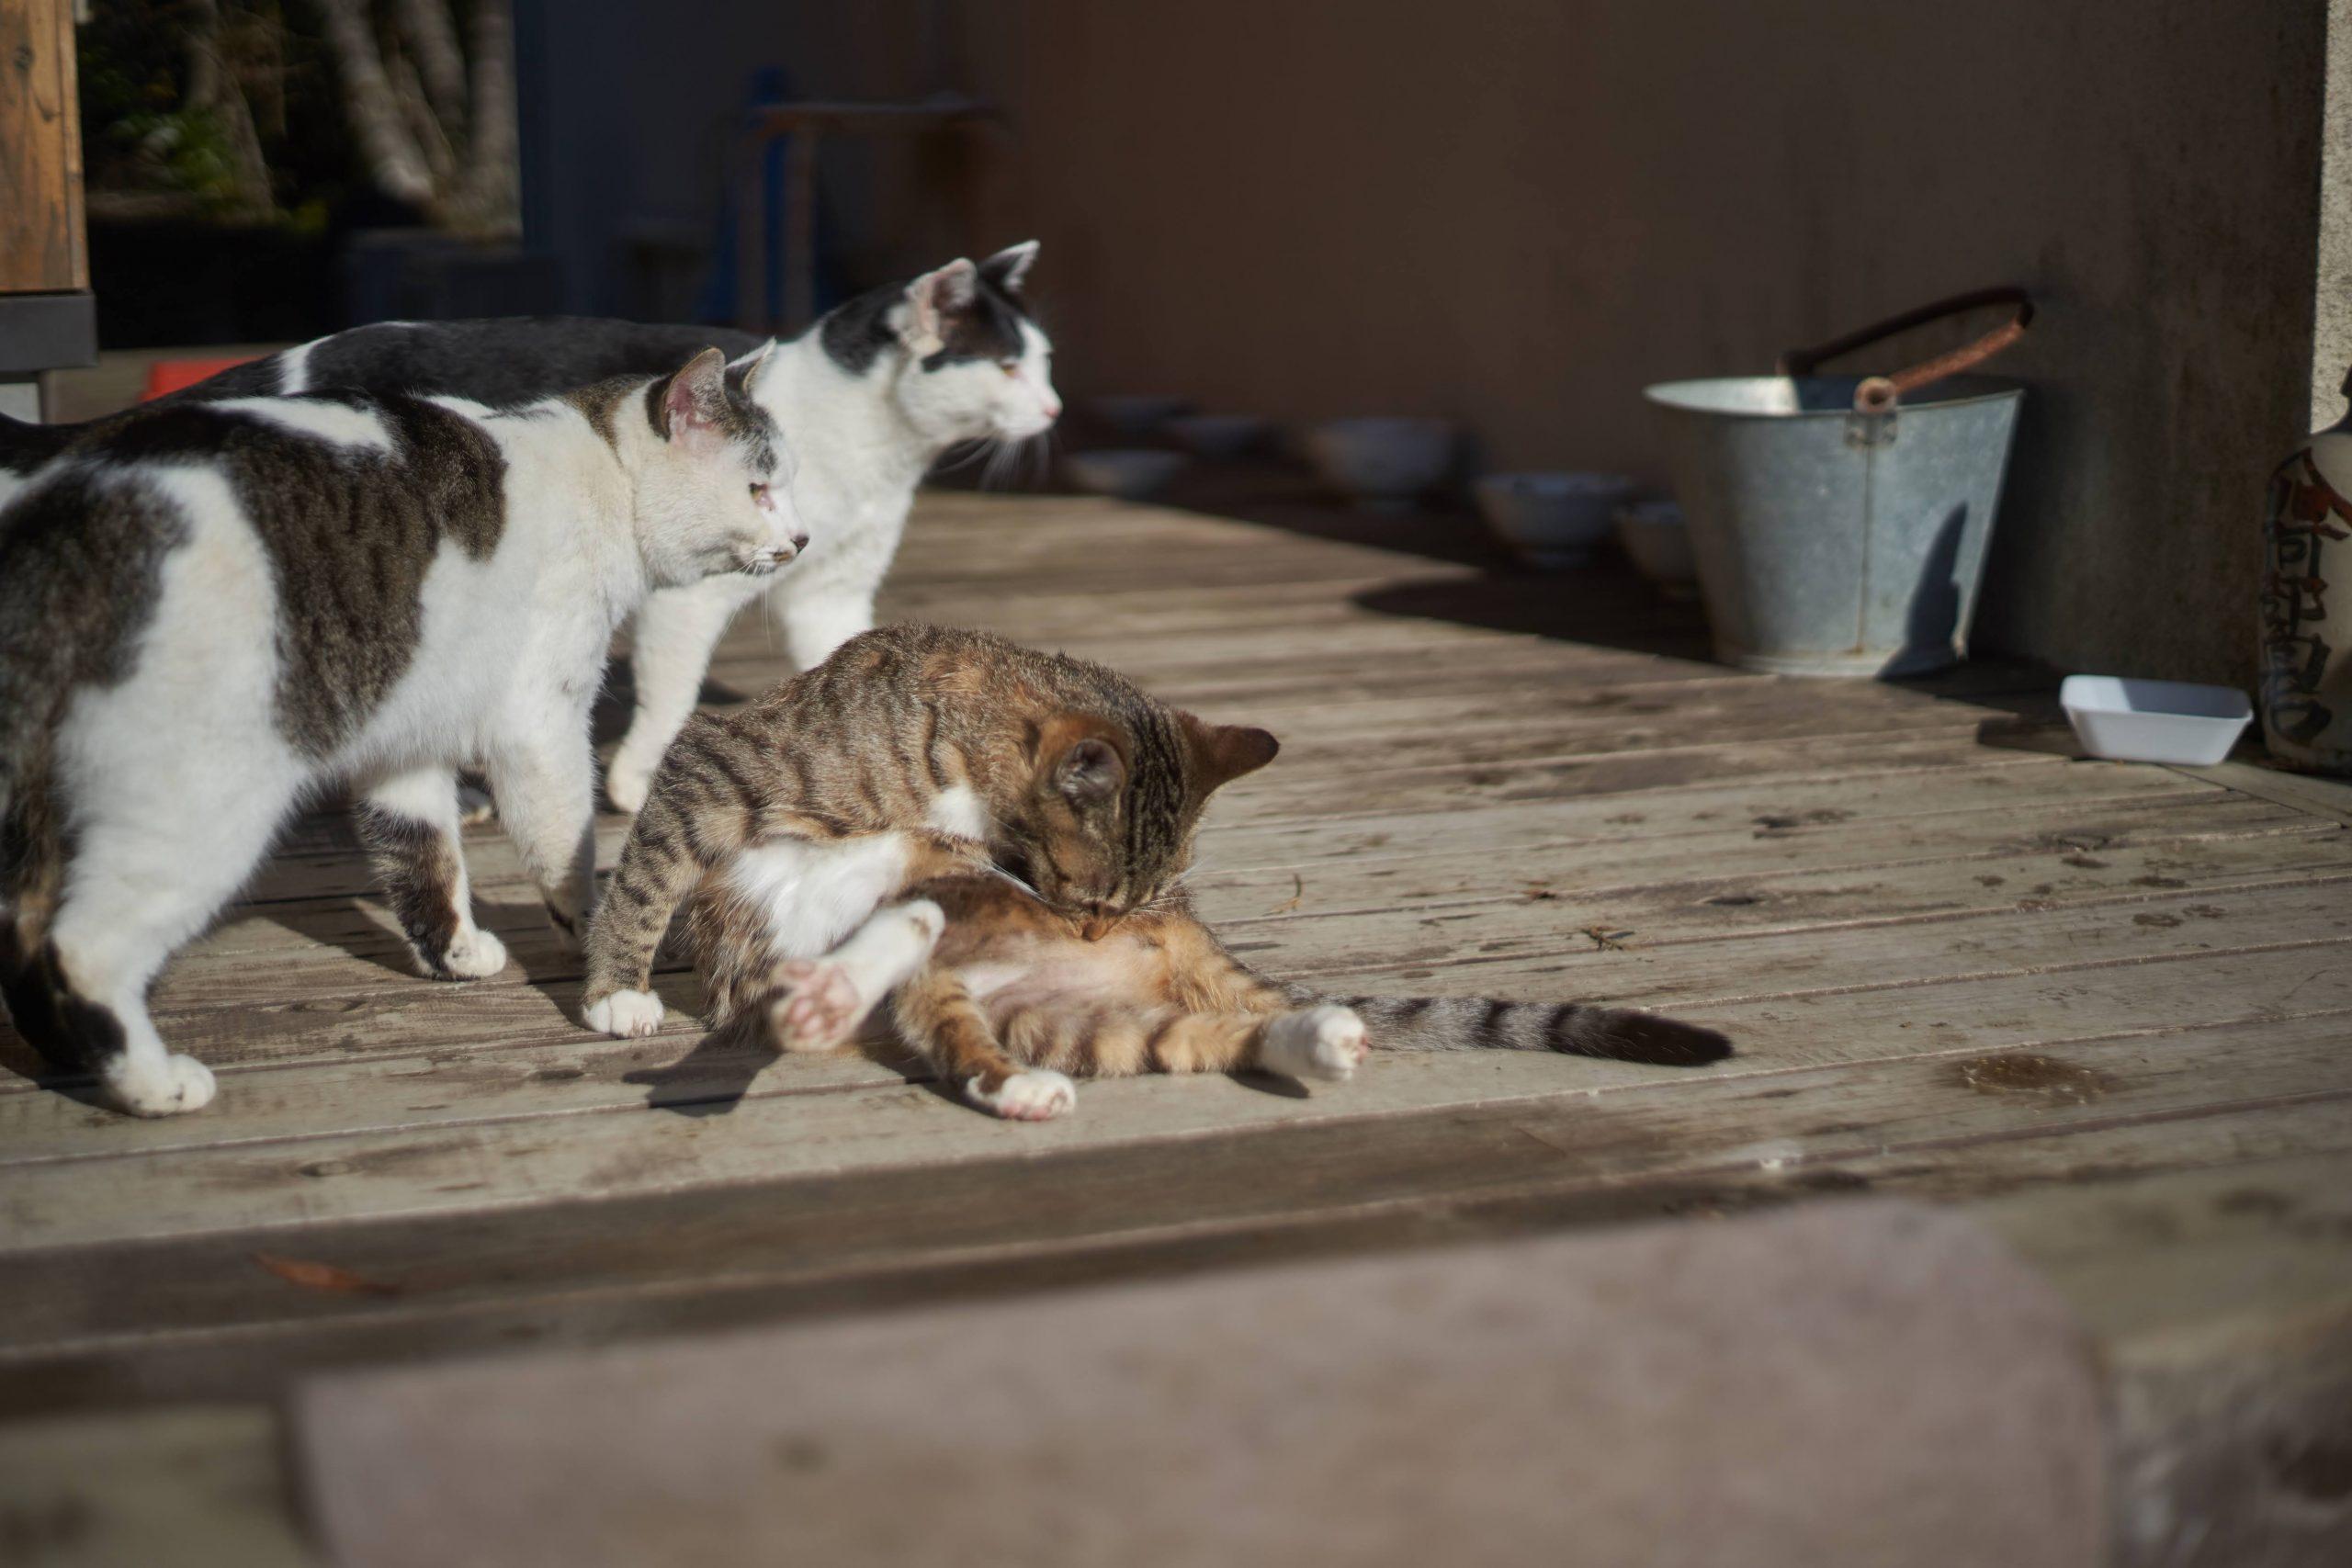 【SONY】東北の猫島へ【ねこまみれ】